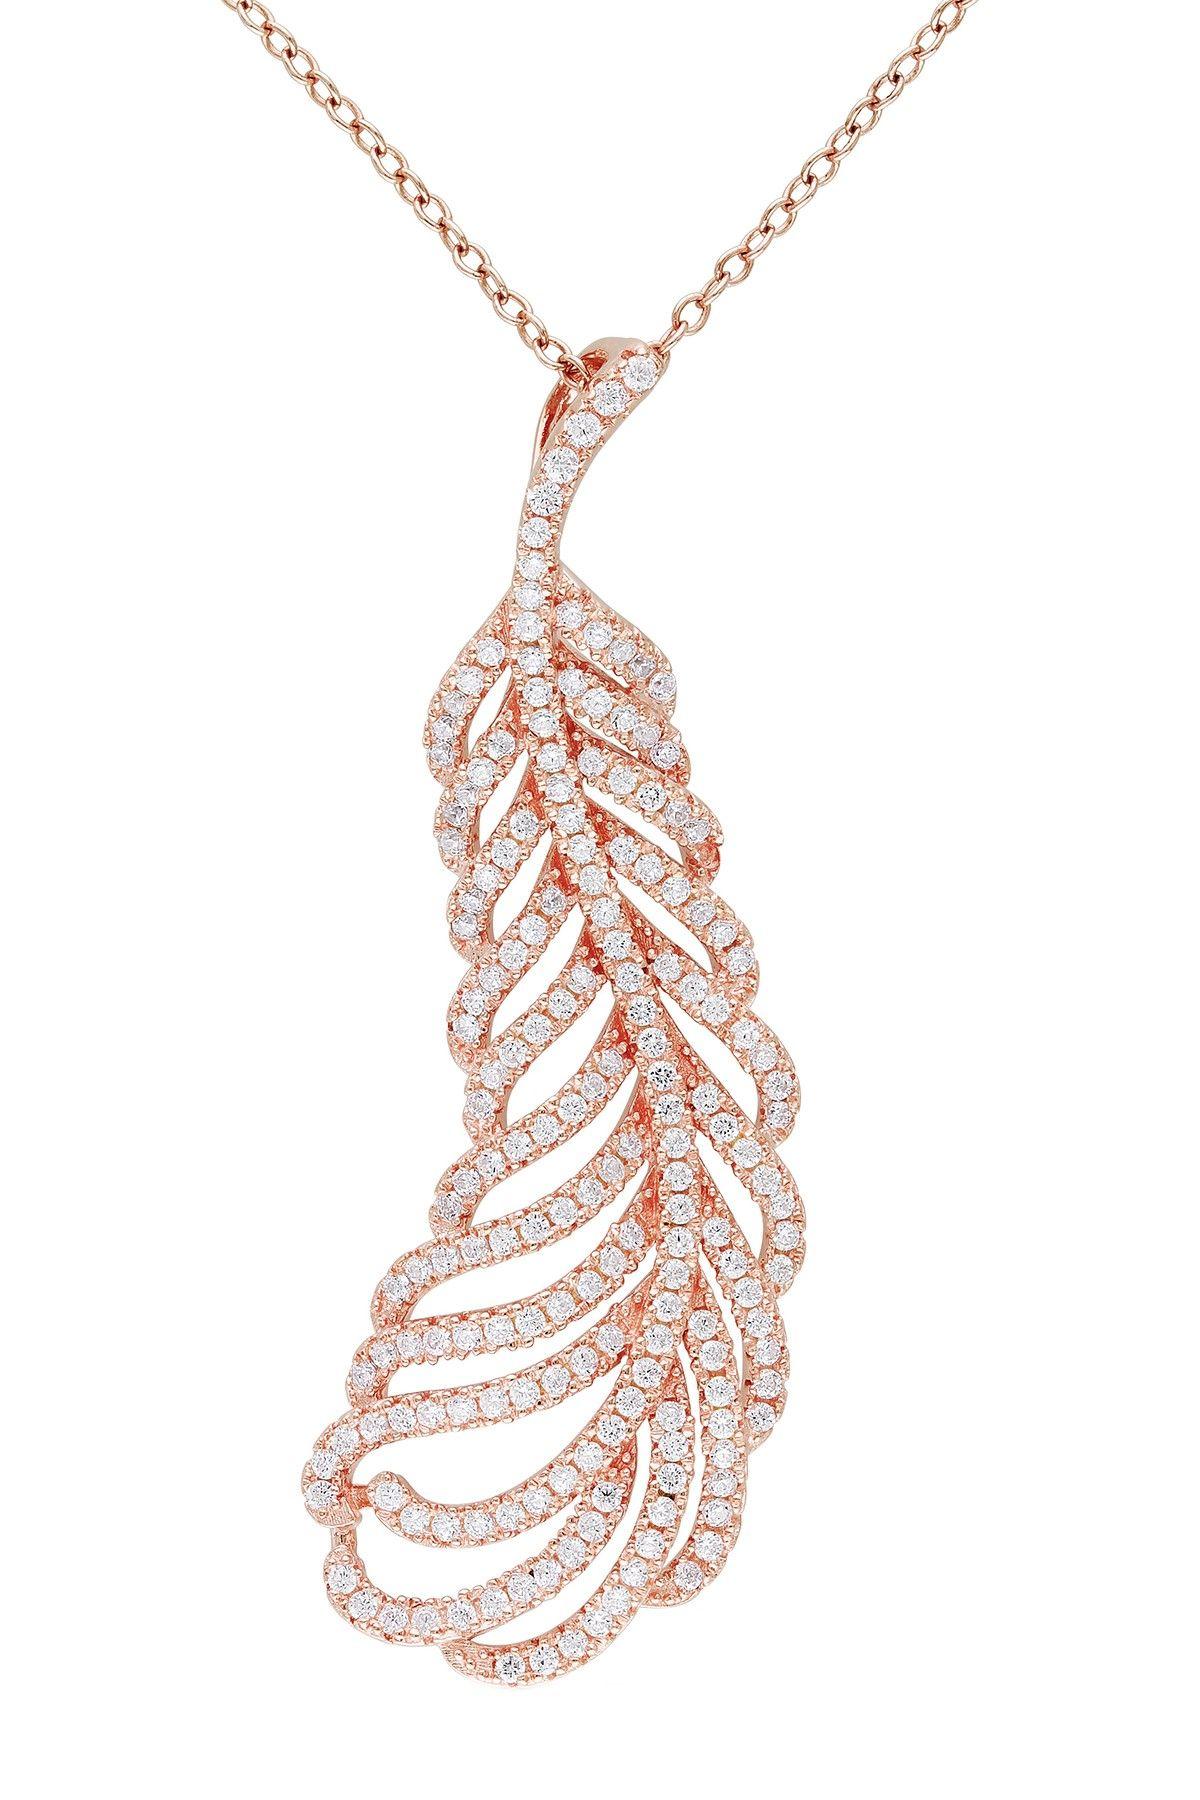 CZ Leaf Charm Necklace